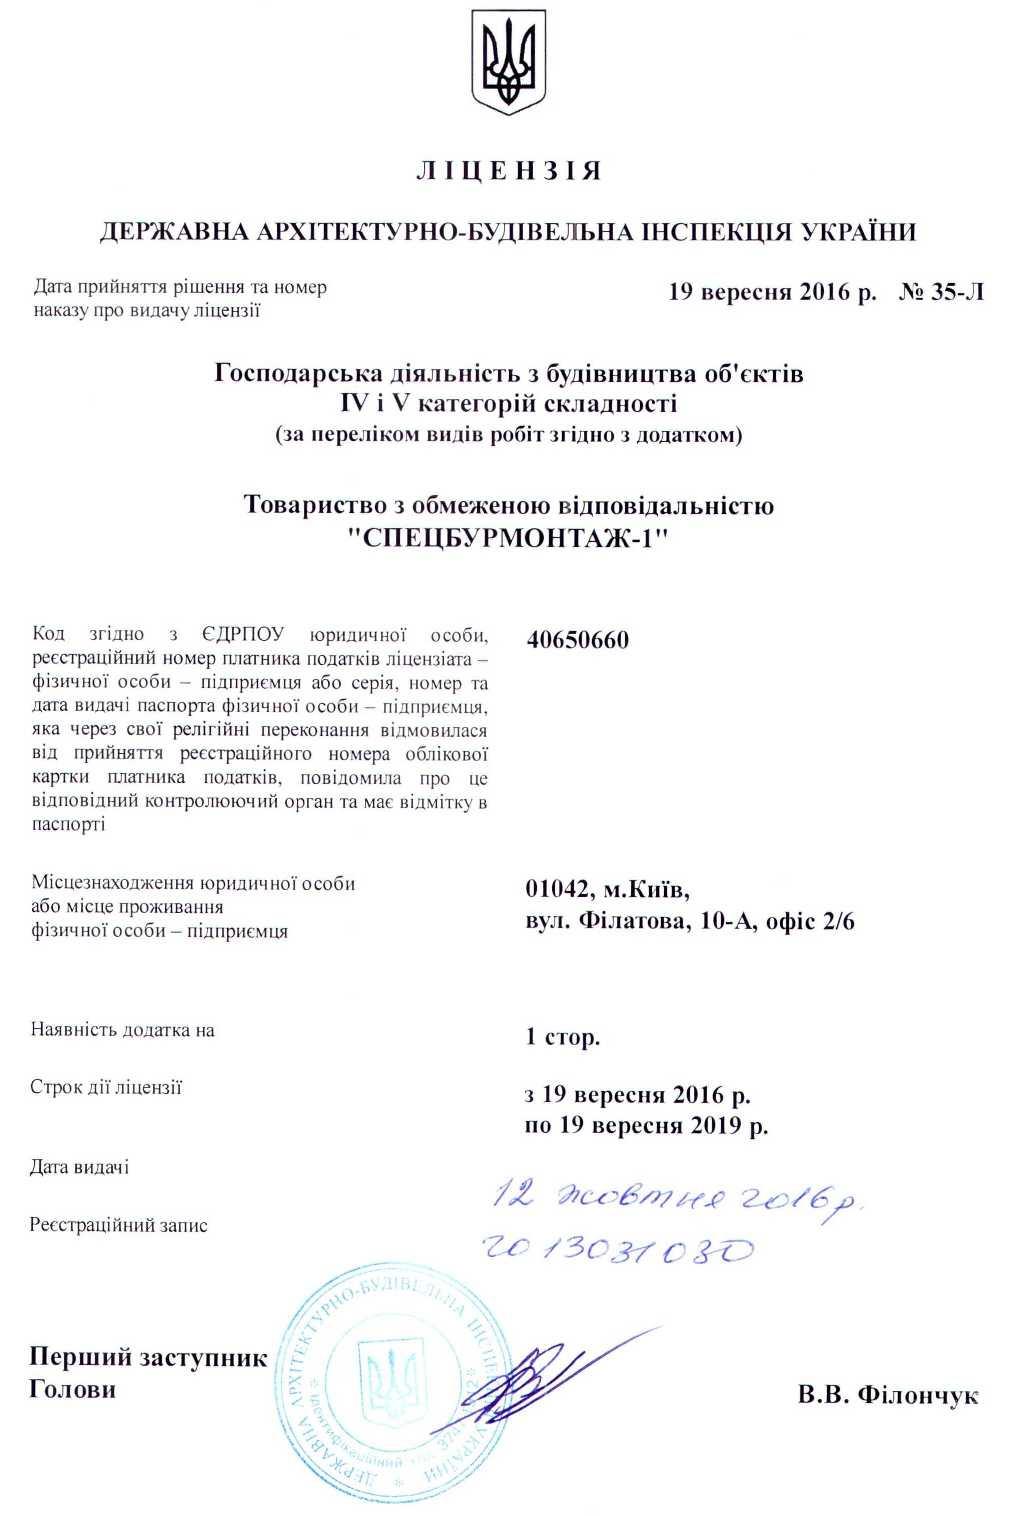 document_2016-12-07_0002